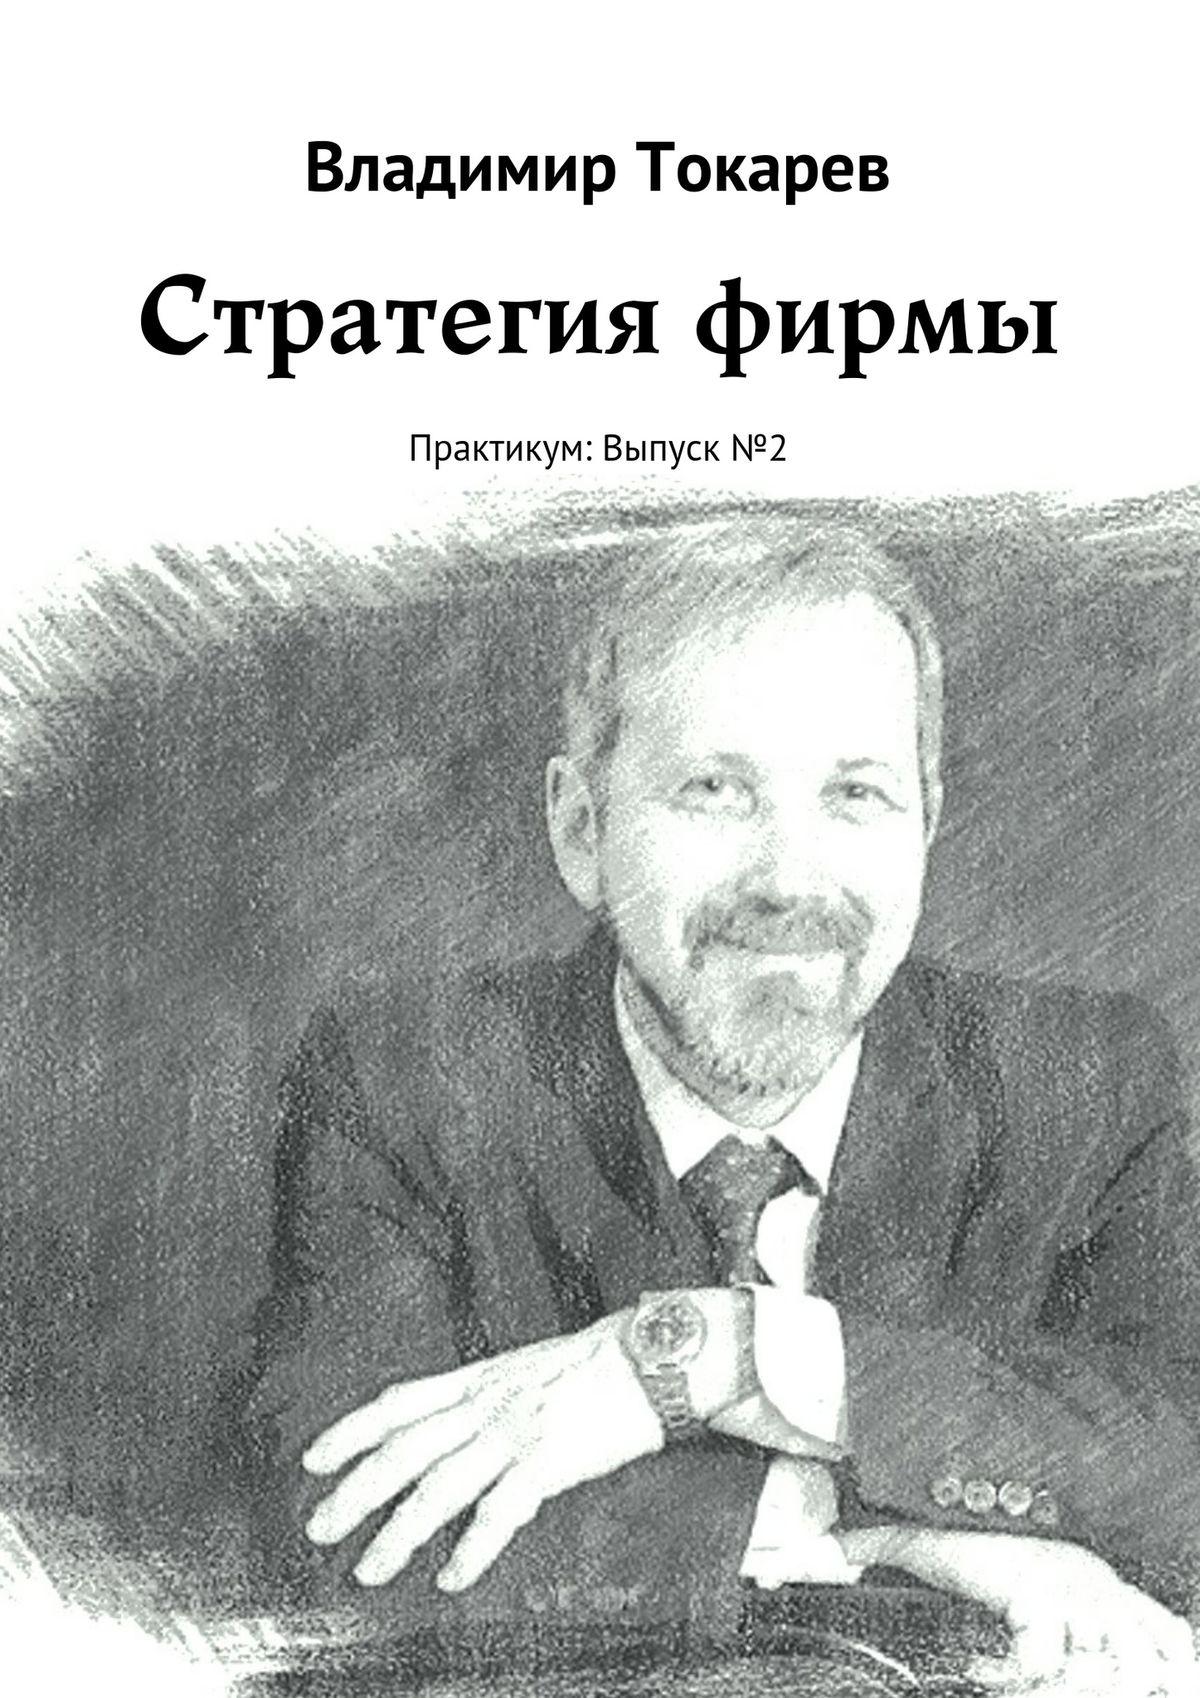 Владимир Токарев Стратегия фирмы. Практикум: Выпуск№2